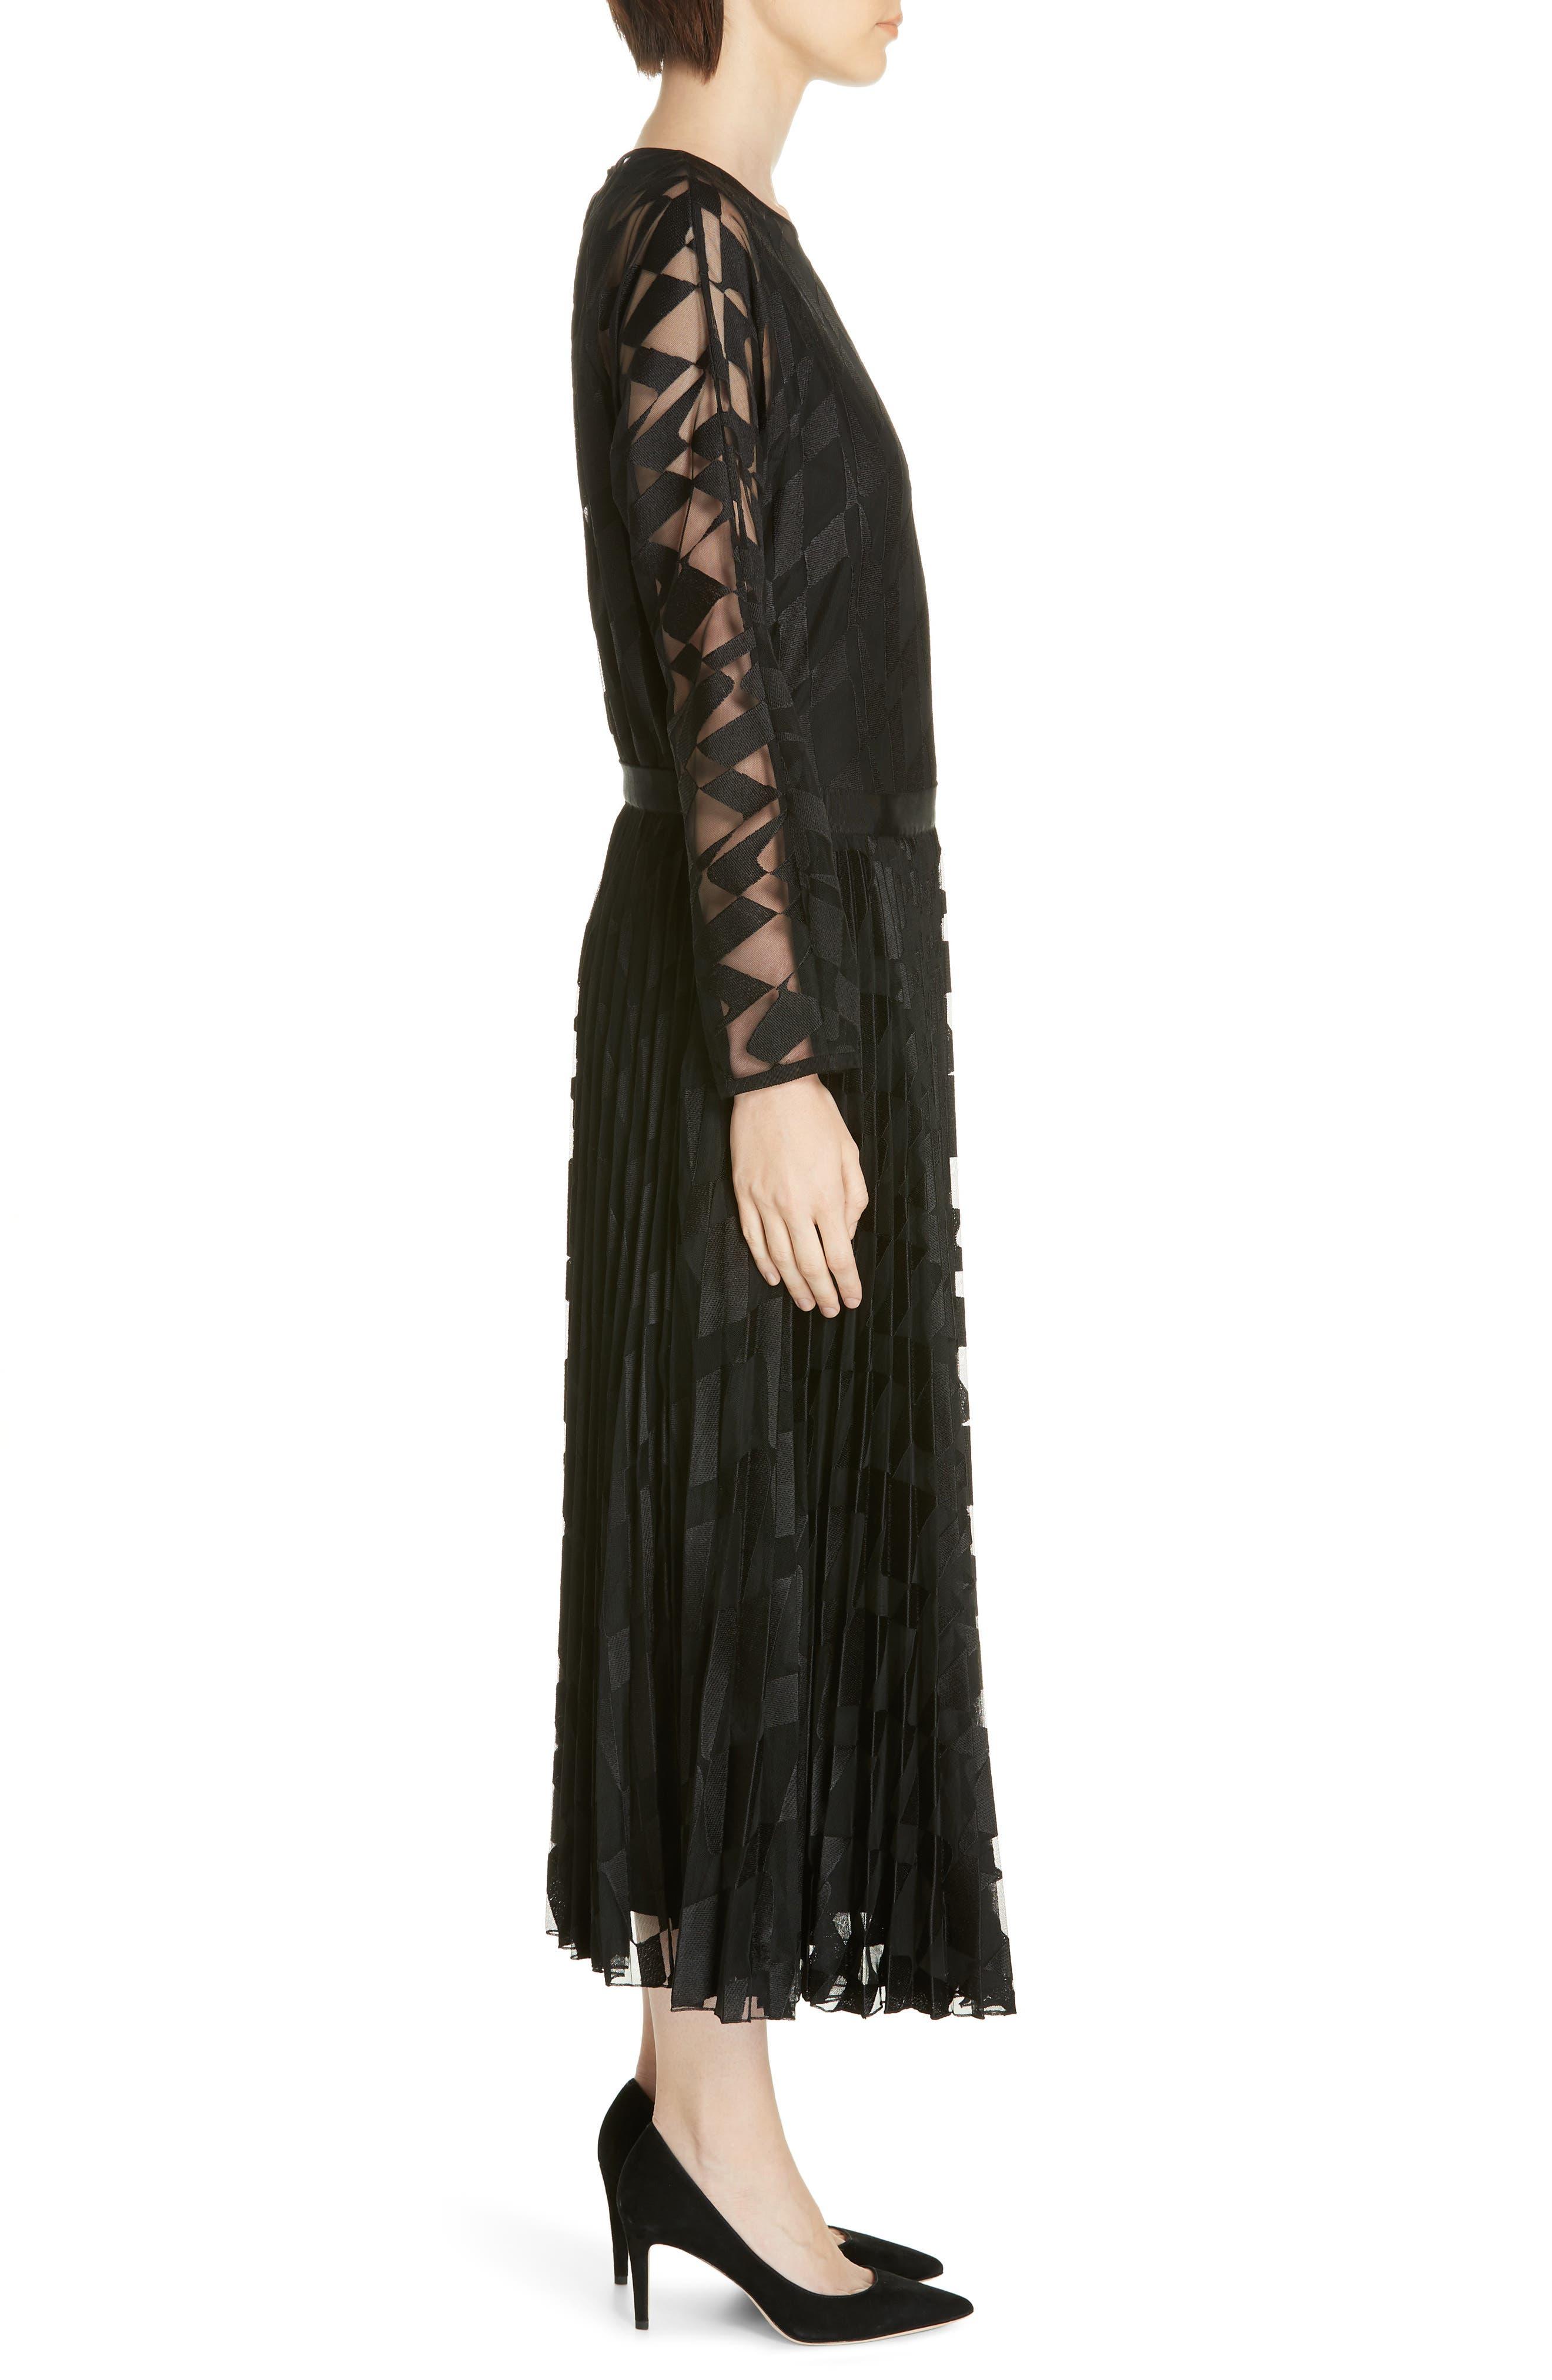 Dalace Pleat & Geo Print Midi Dress,                             Alternate thumbnail 3, color,                             BLACK